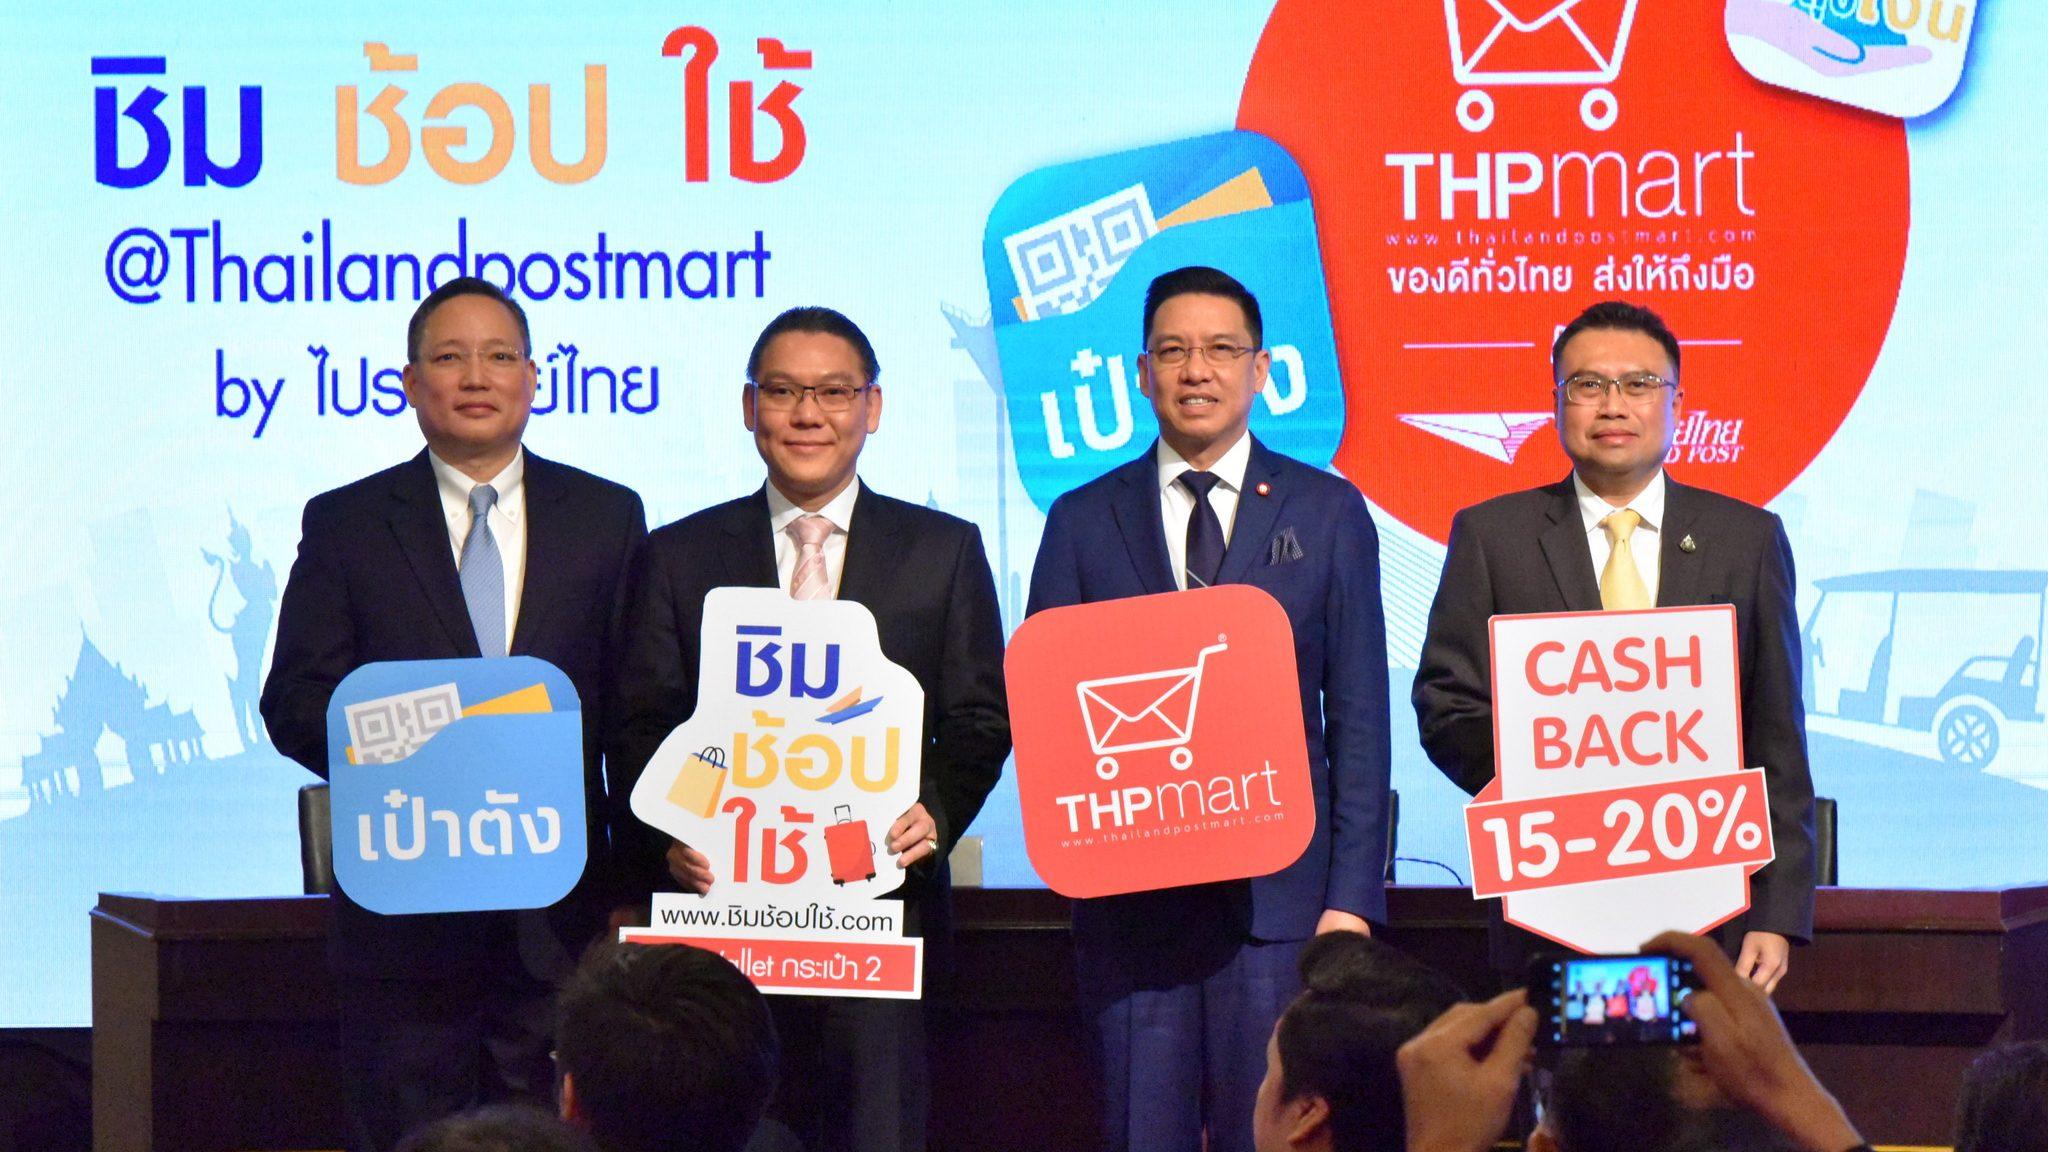 เปิดโครงการ ชิม ช้อป ใช้ @thailandpostmart by ไปรษณีย์ไทย